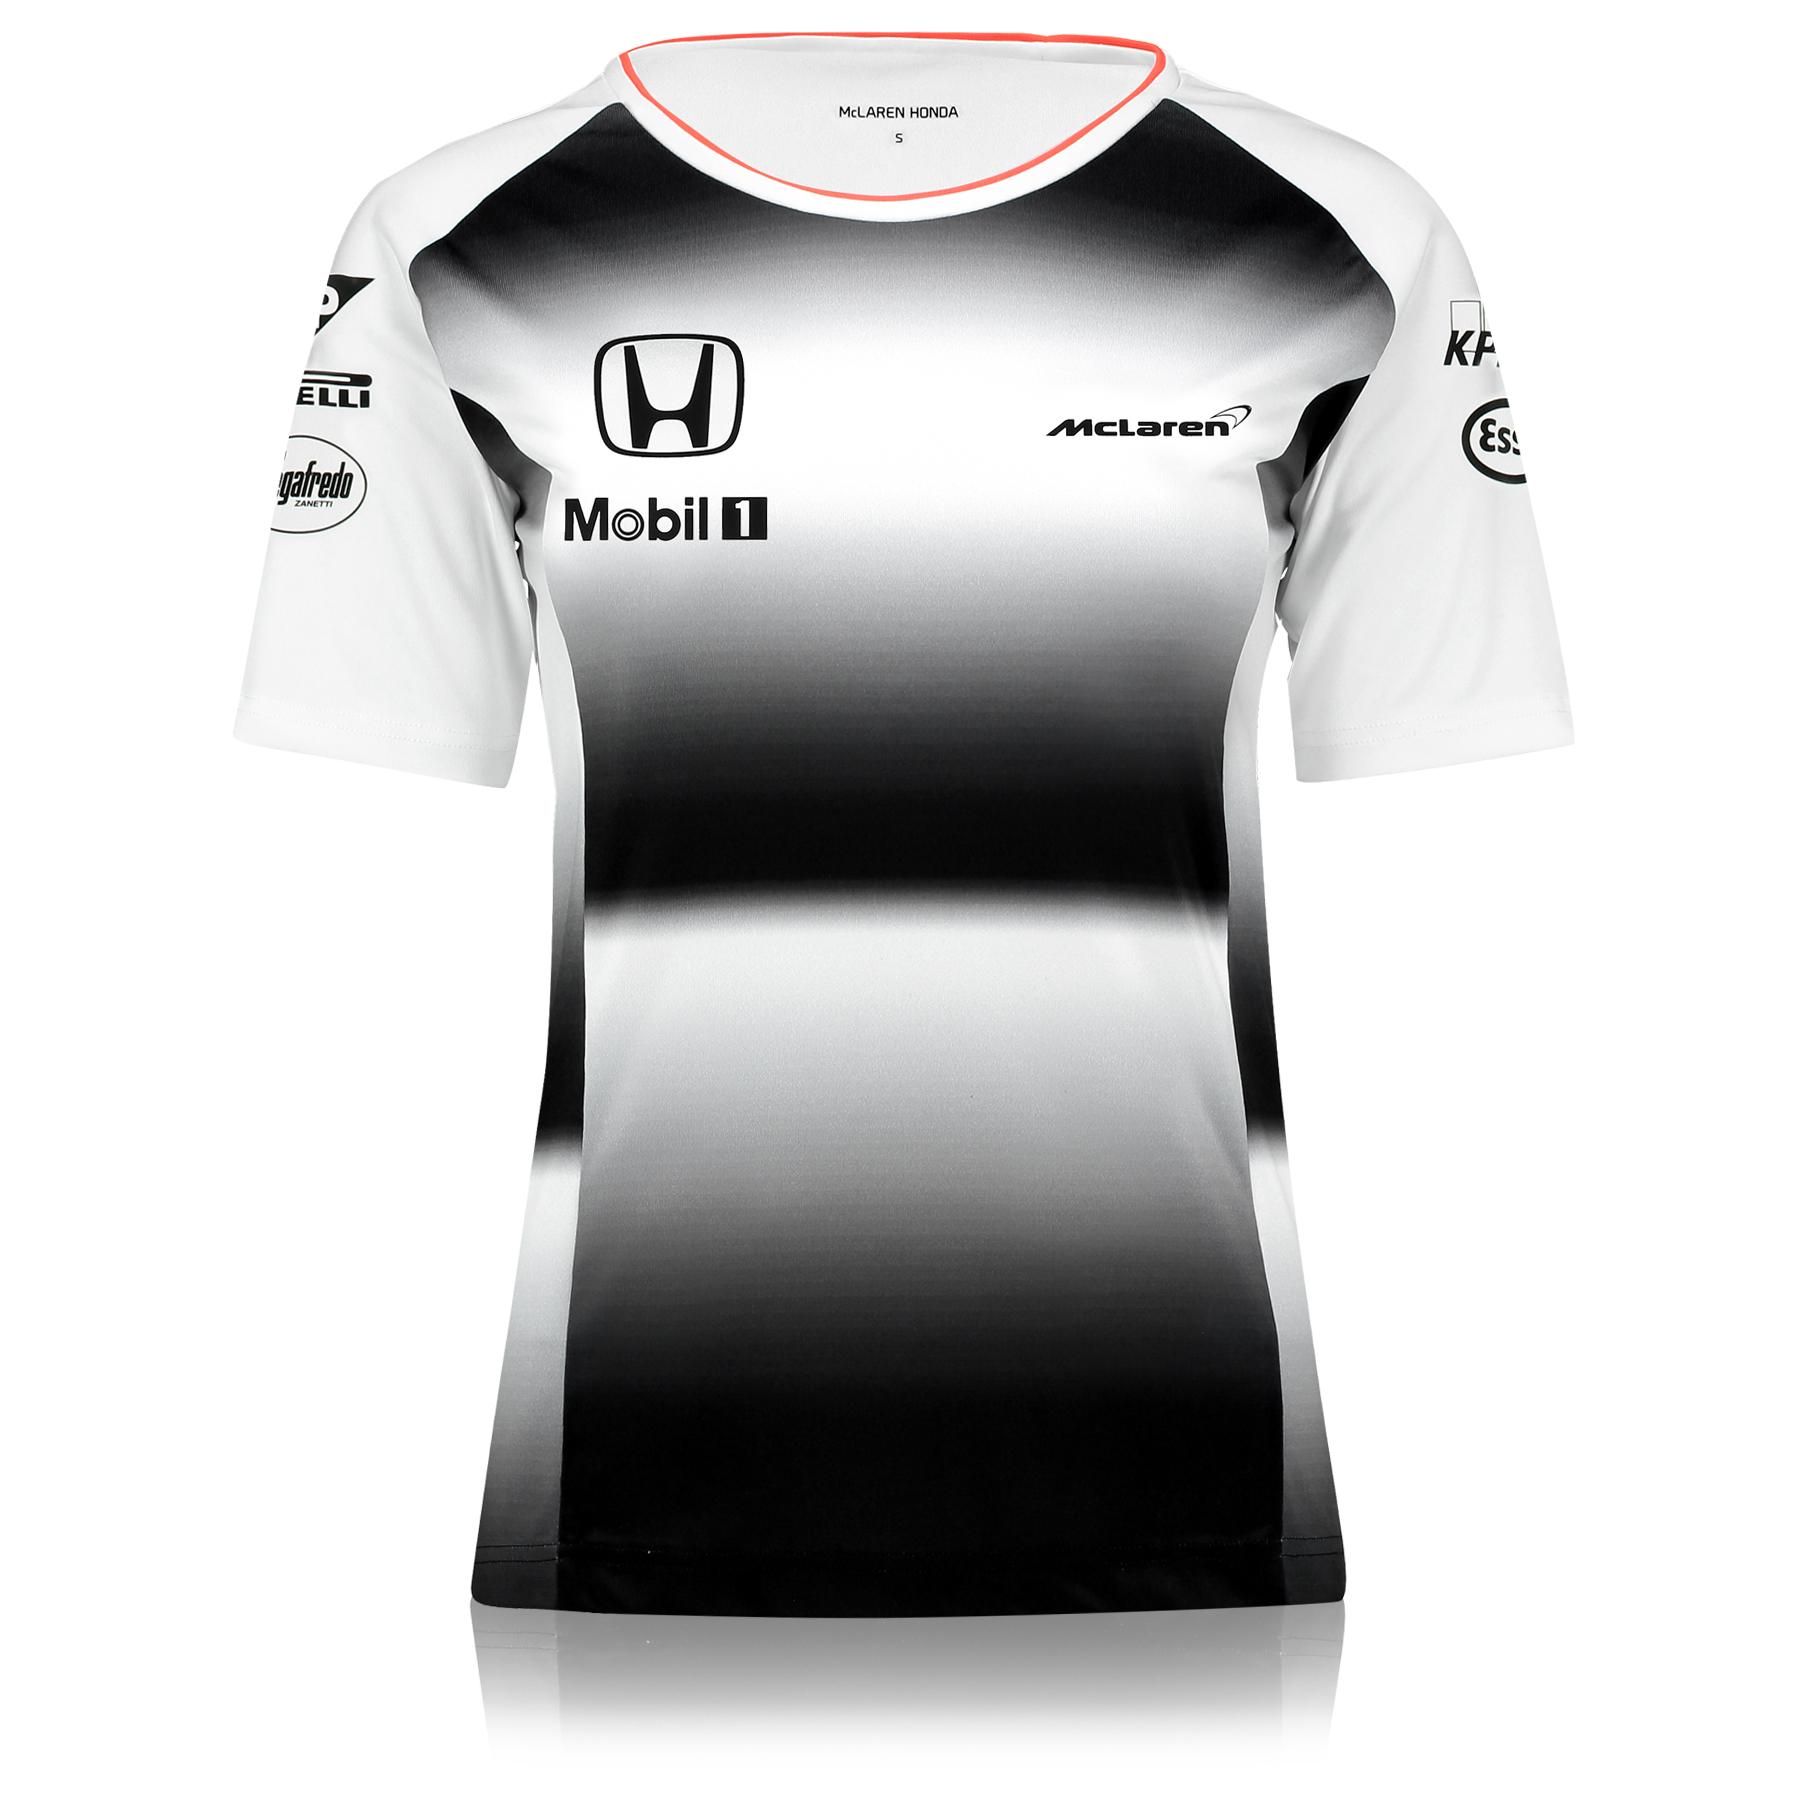 McLaren Honda Official 2016 Team T-Shirt - Womens